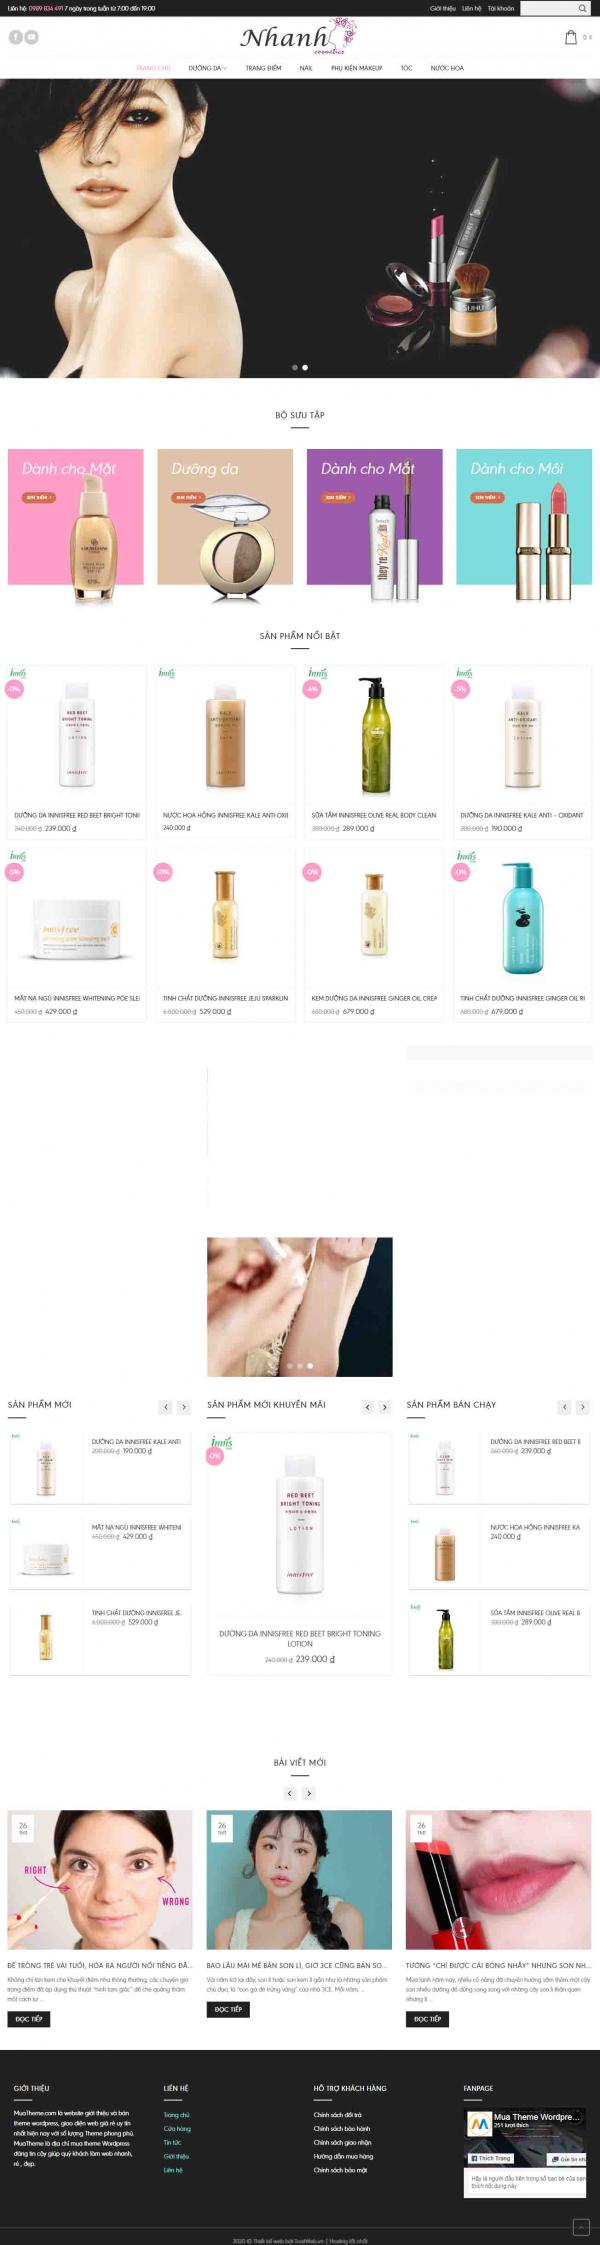 Mẫu giao diện thiết kế website bán hàng mỹ phẩm làm đẹp